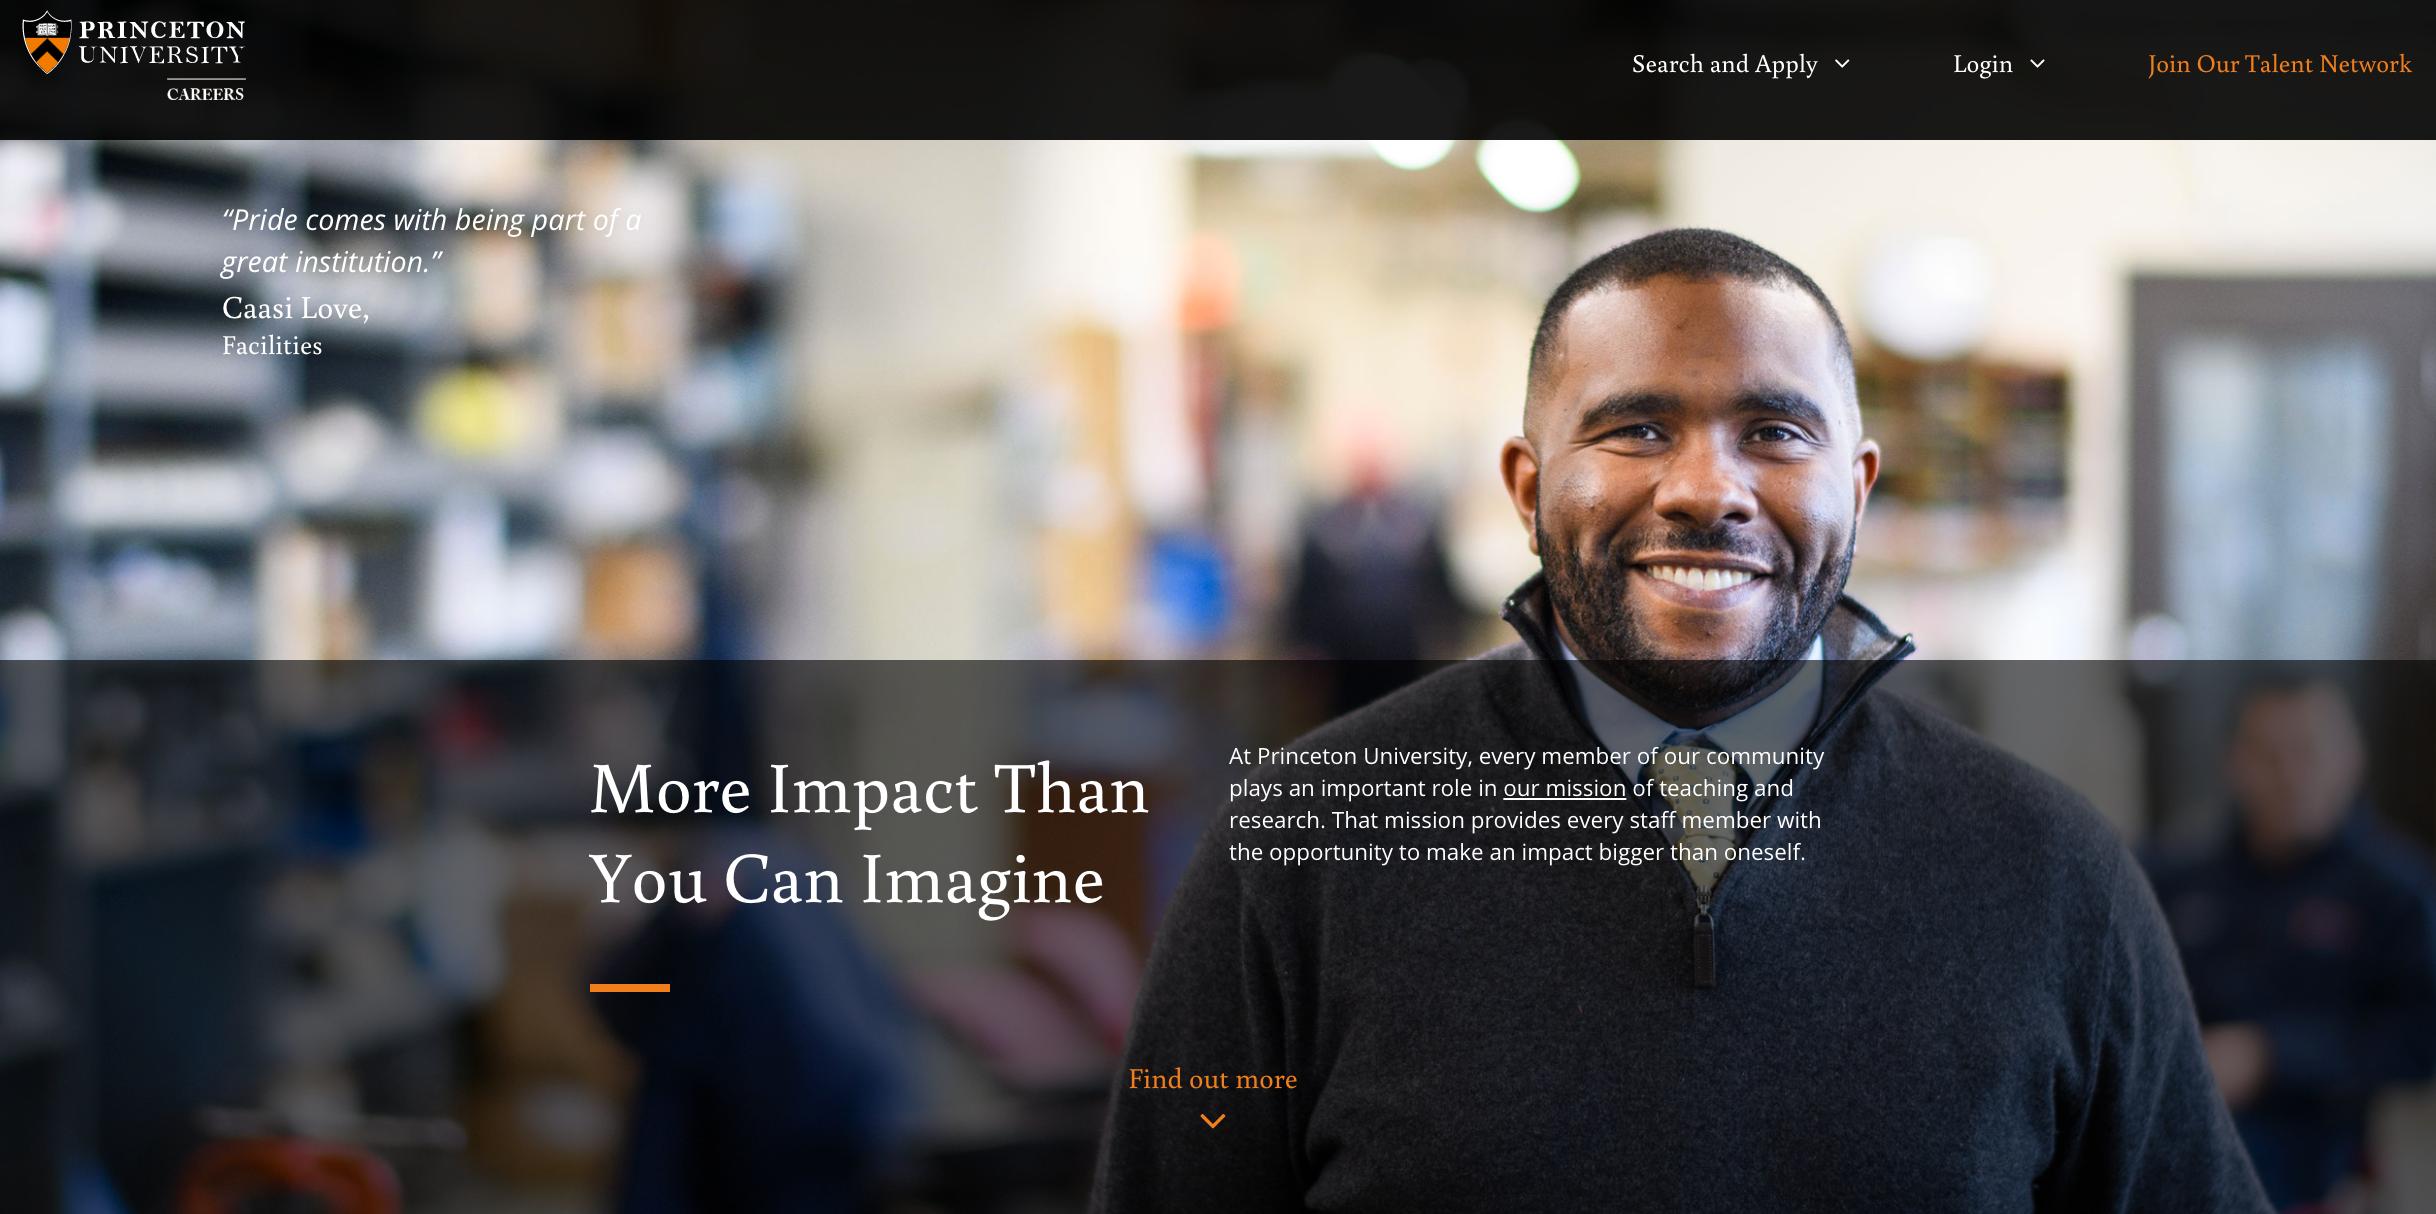 Princeton University Careers